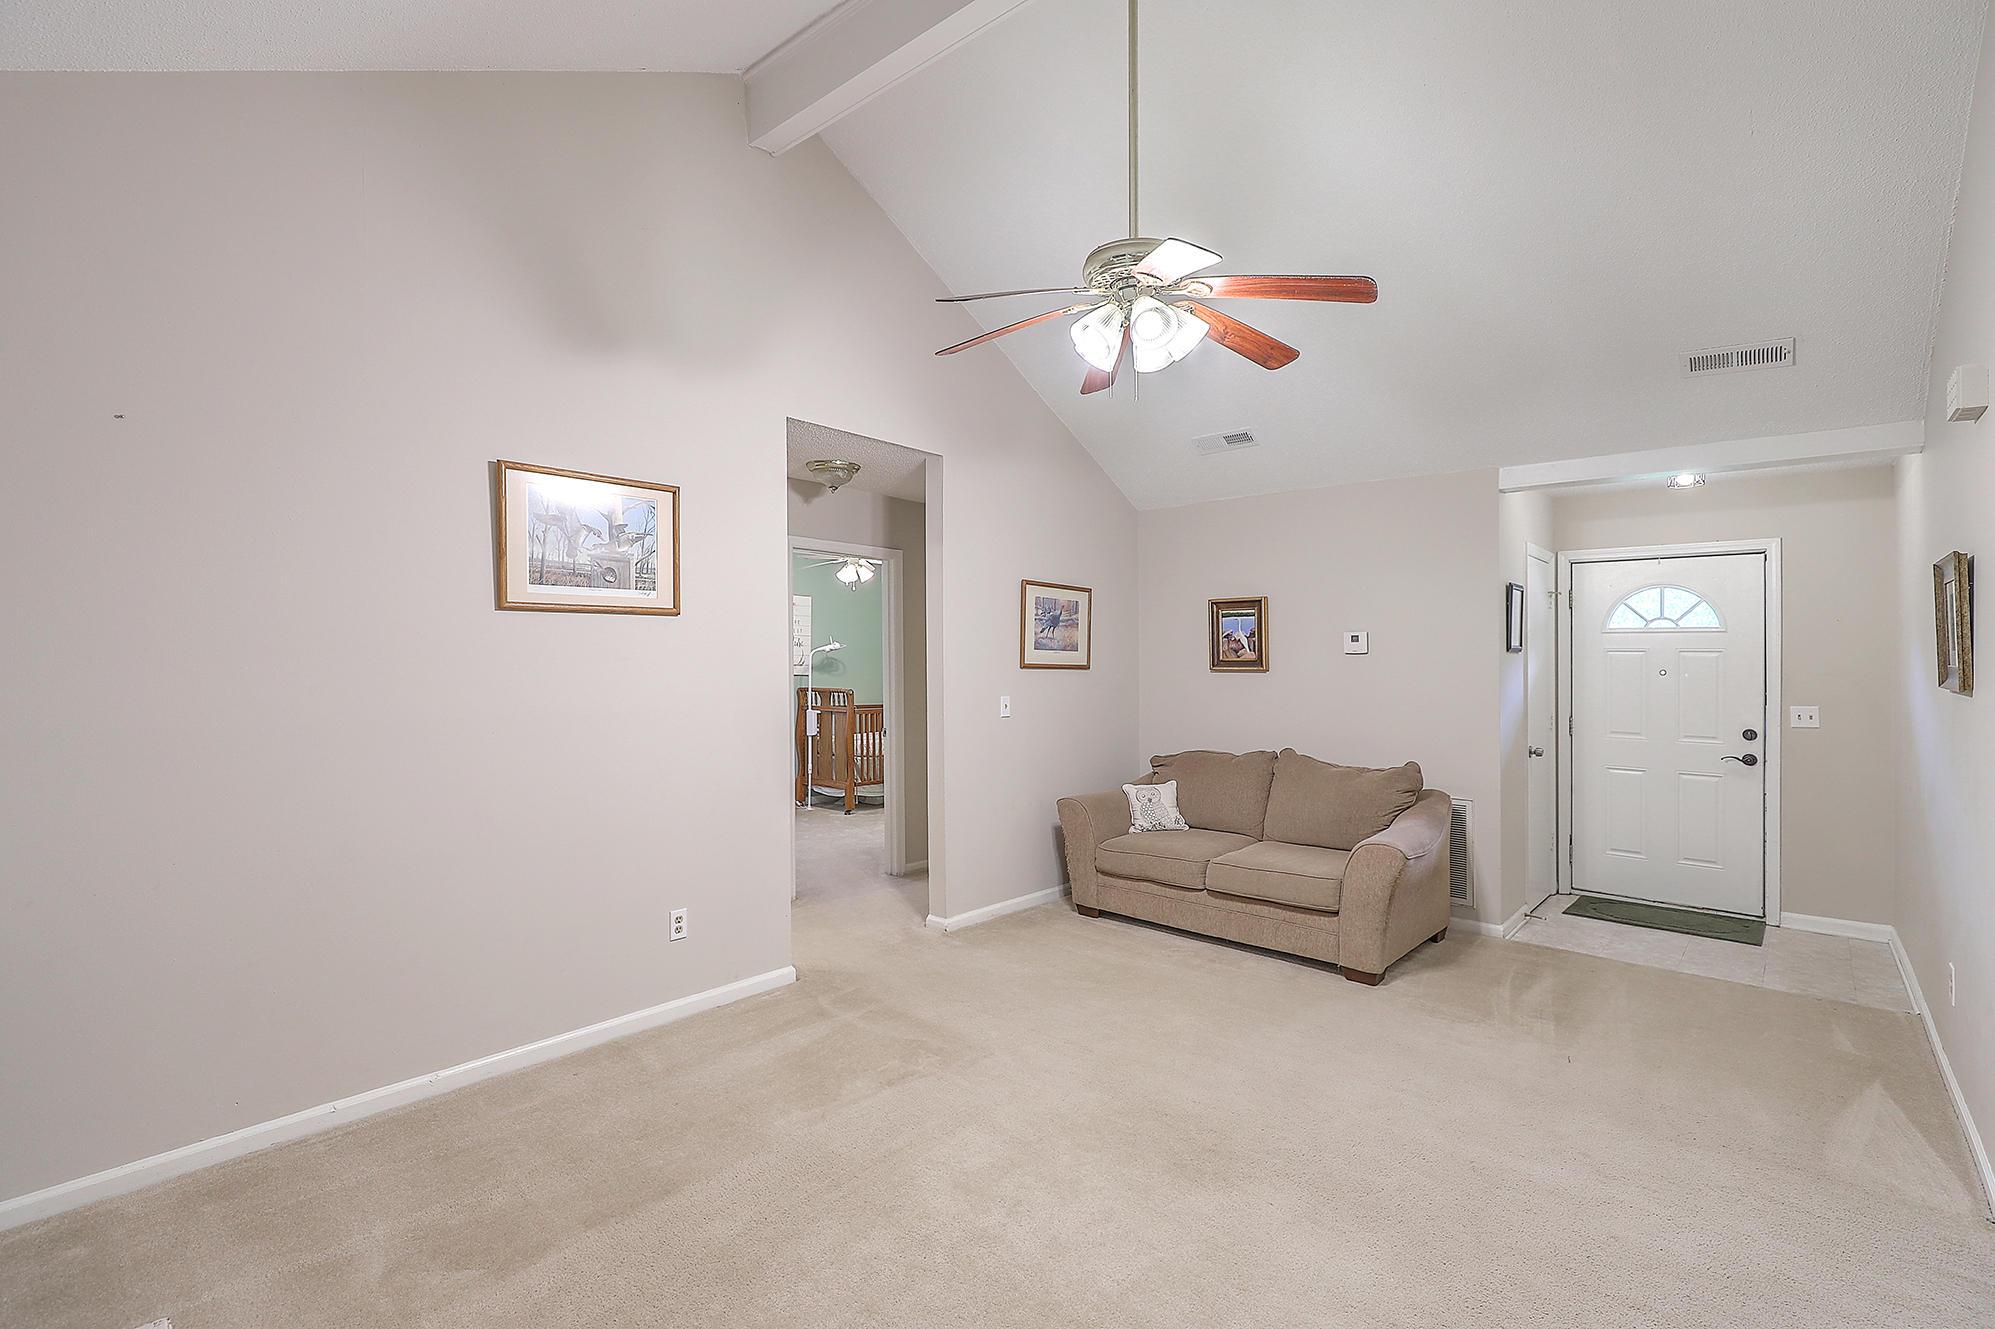 Willowbrook I Homes For Sale - 37 Delaware, Goose Creek, SC - 20